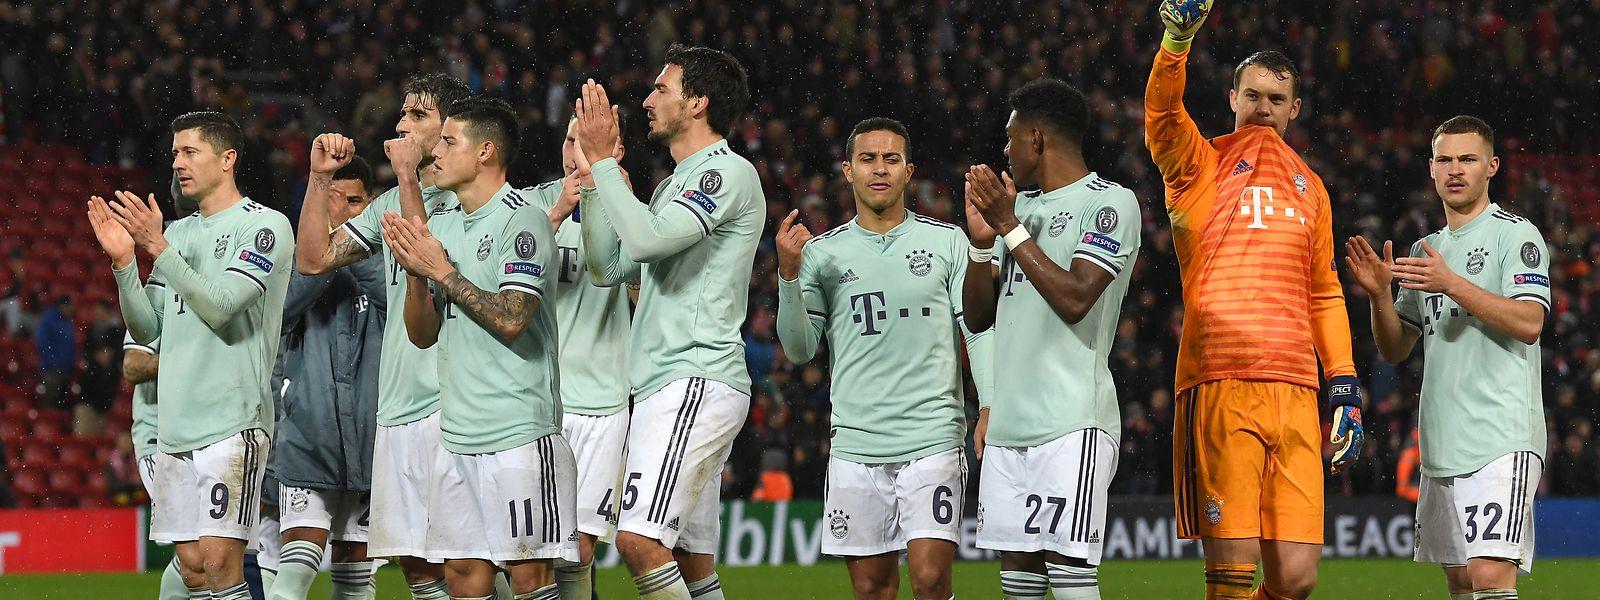 Die Bayern kontrollierten das Geschehen an der Anfield Road – und gingen als gefühlter Sieger vom Platz.